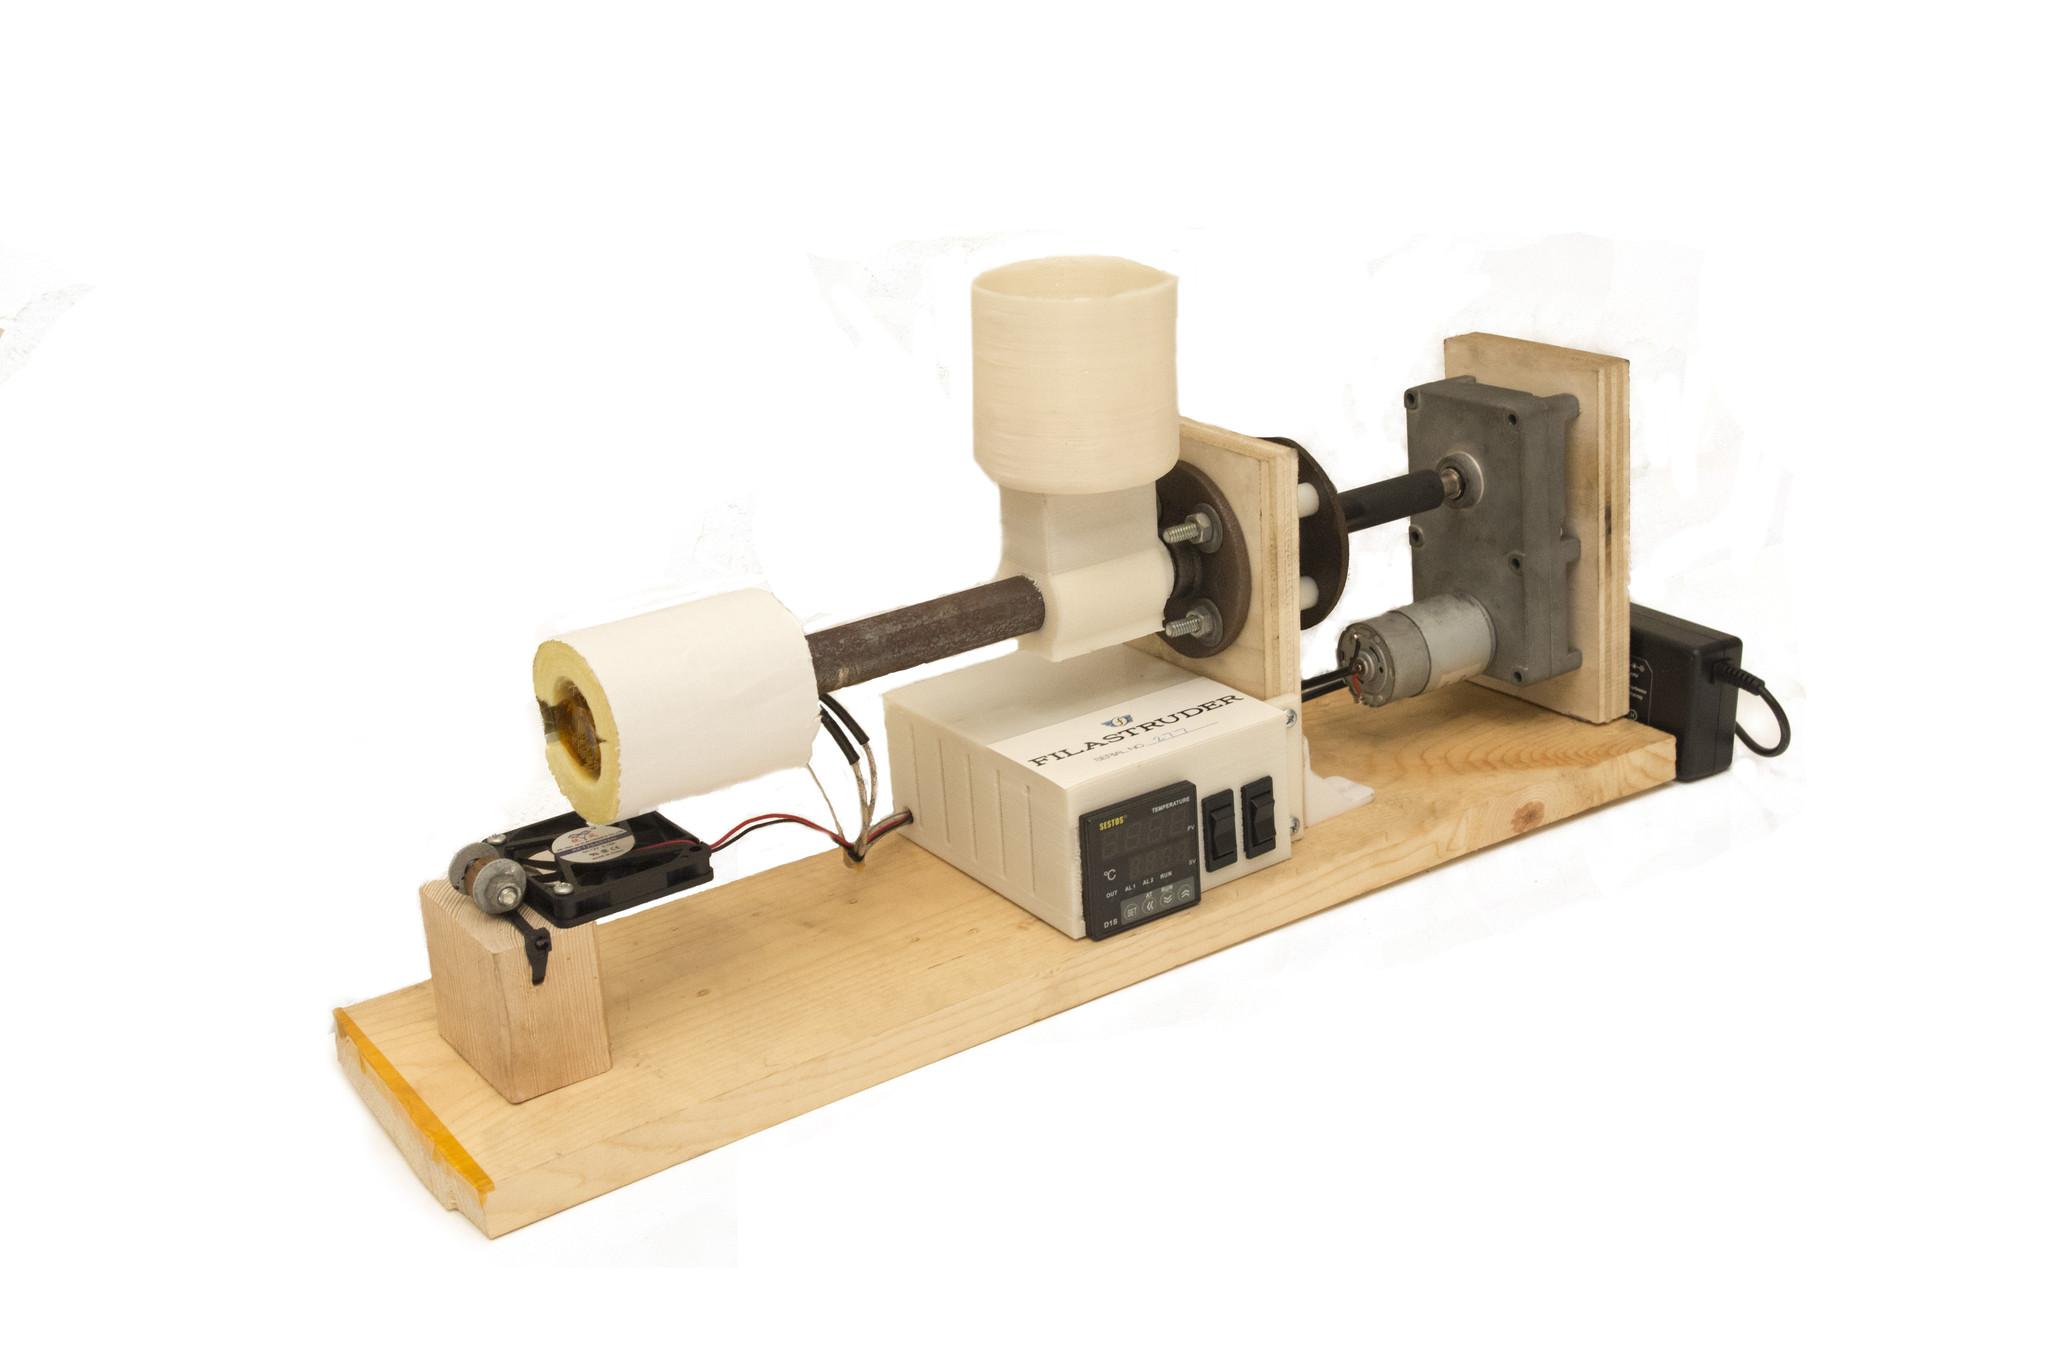 Fabrica tu filamento para impresoras 3d con filastruder for Videos de impresoras 3d